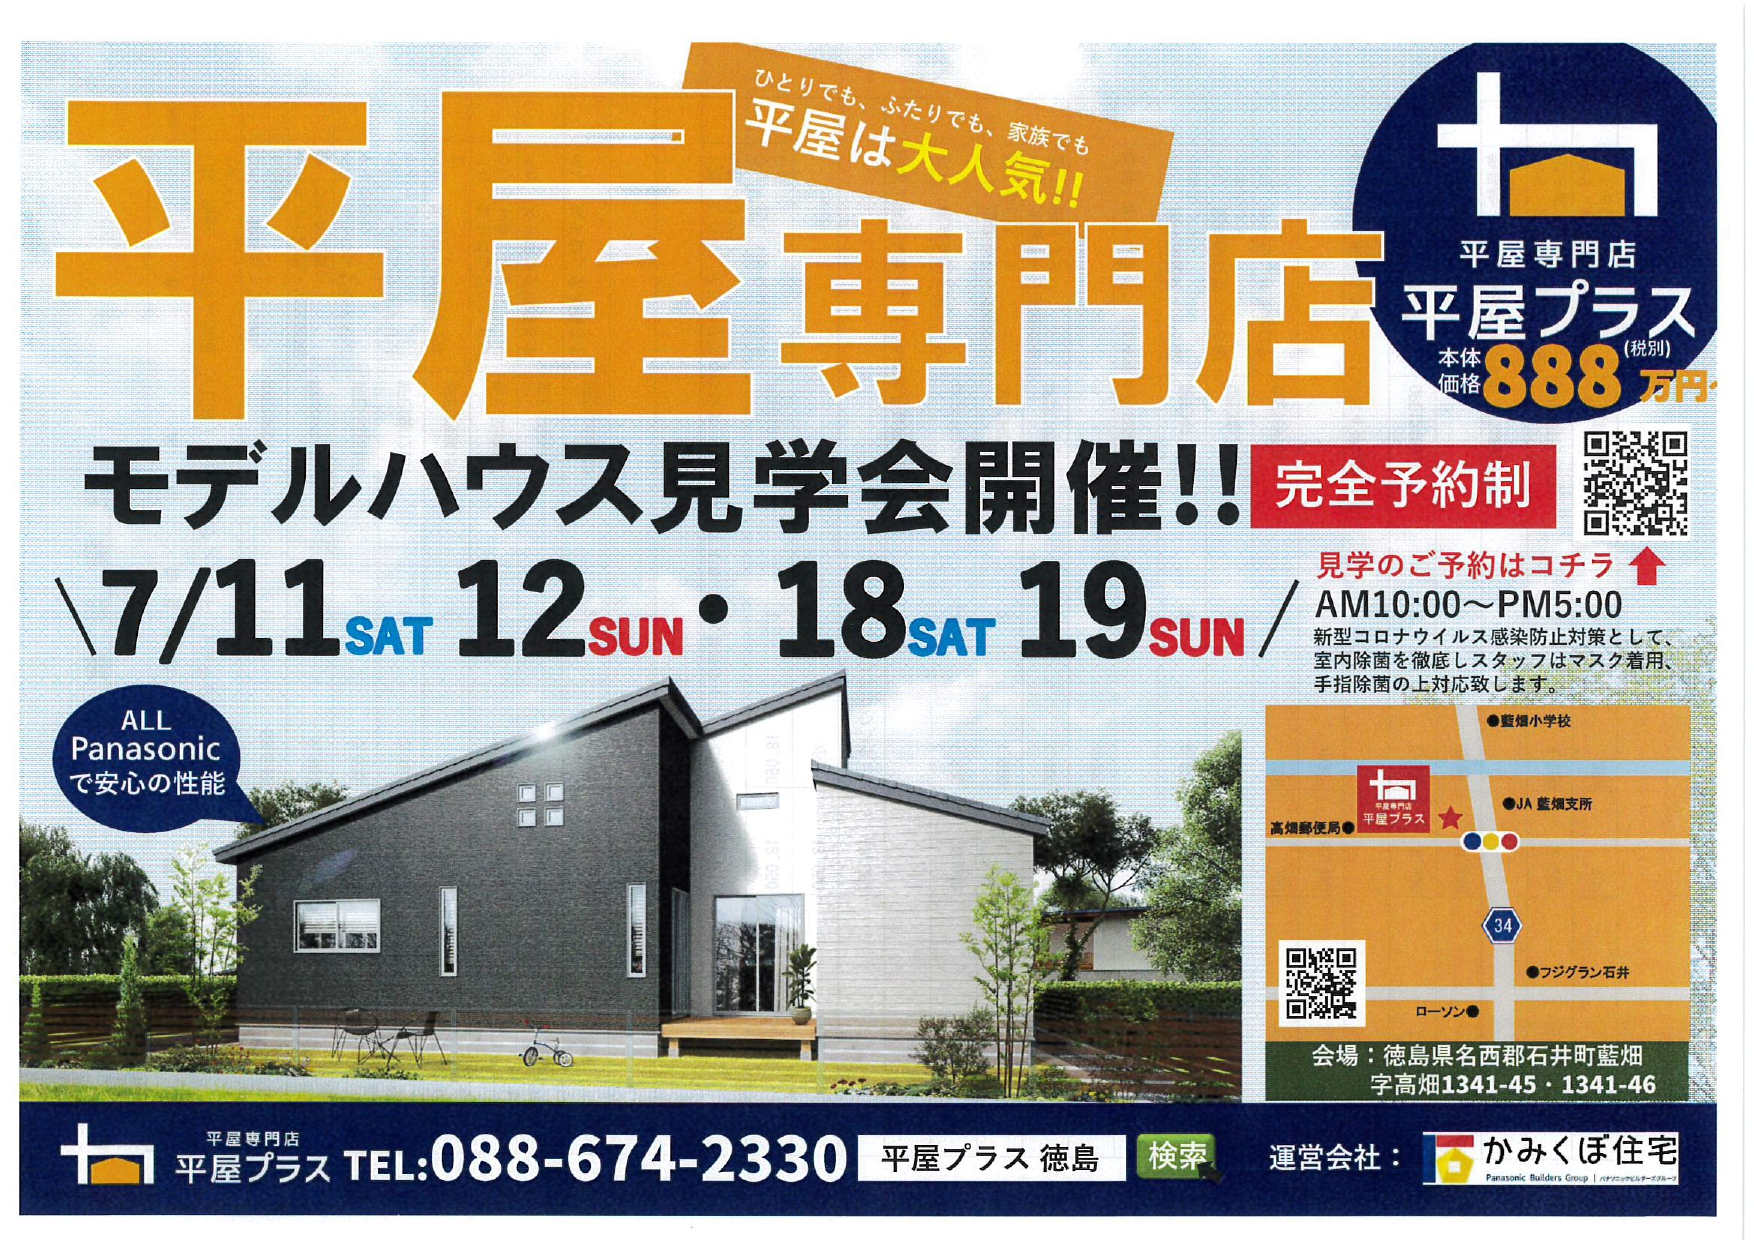 石井町にオープン!平屋モデルハウス見学会7月18日・19日